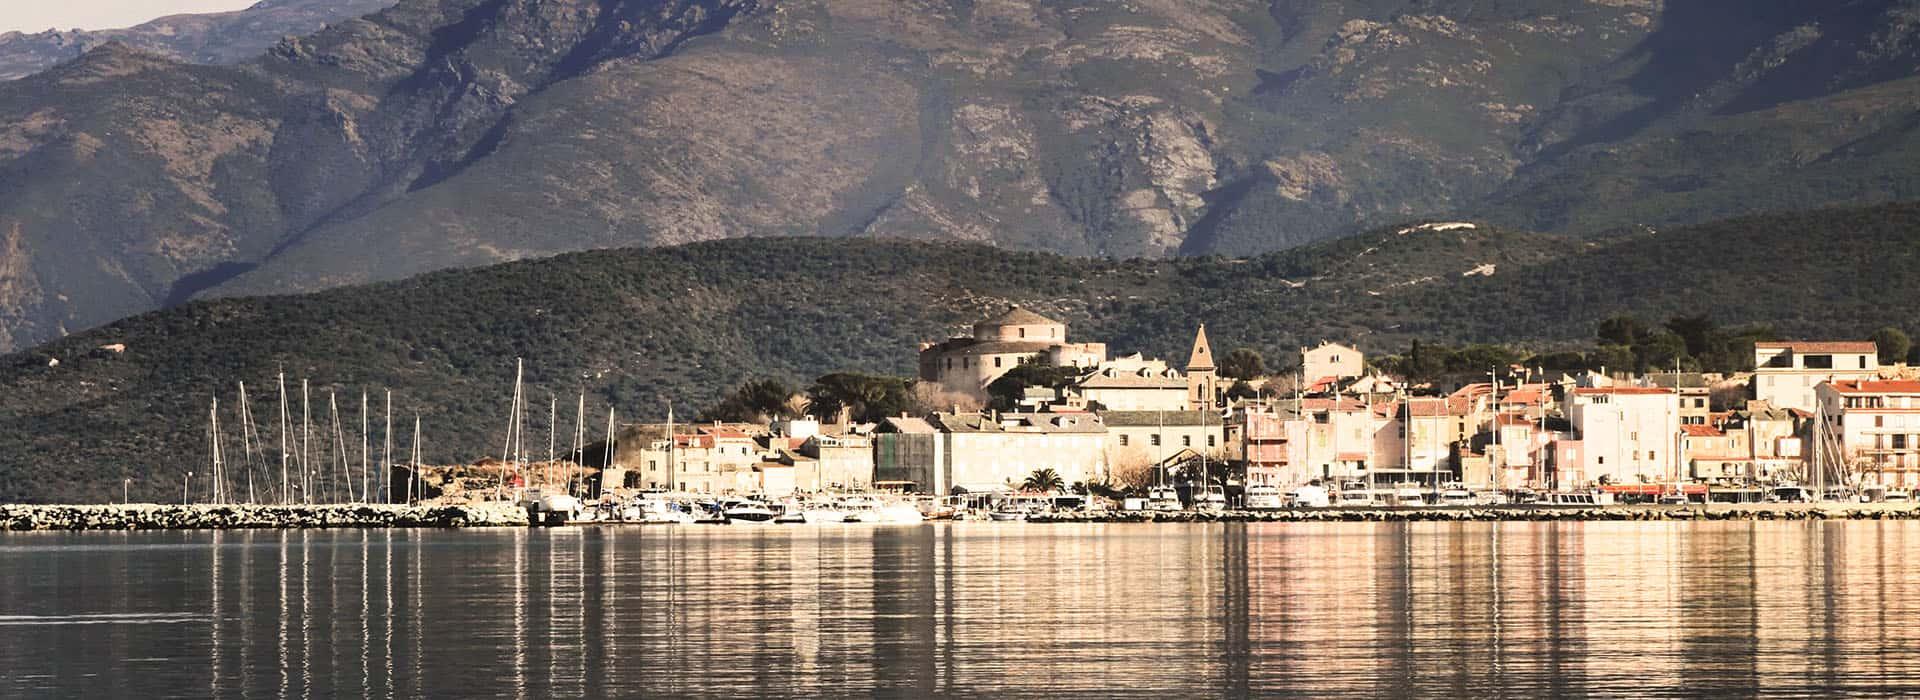 location de bateau à St Florent